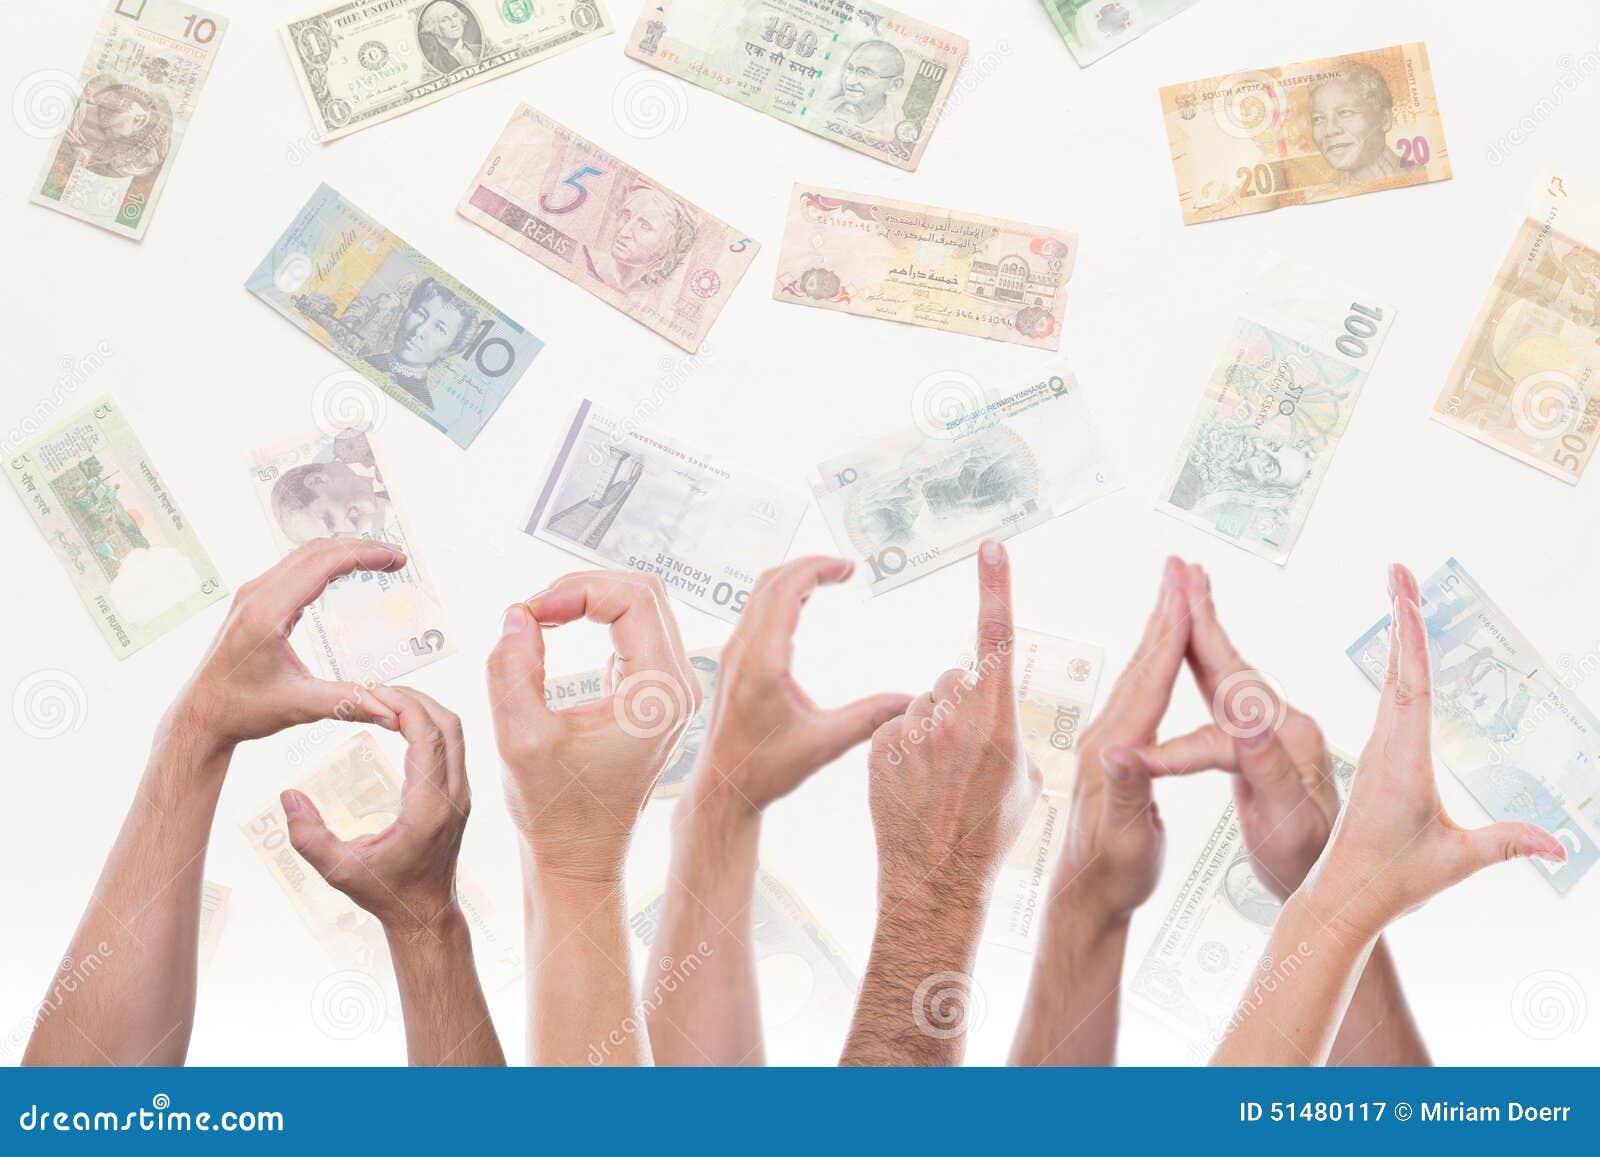 用不同的货币的词社交